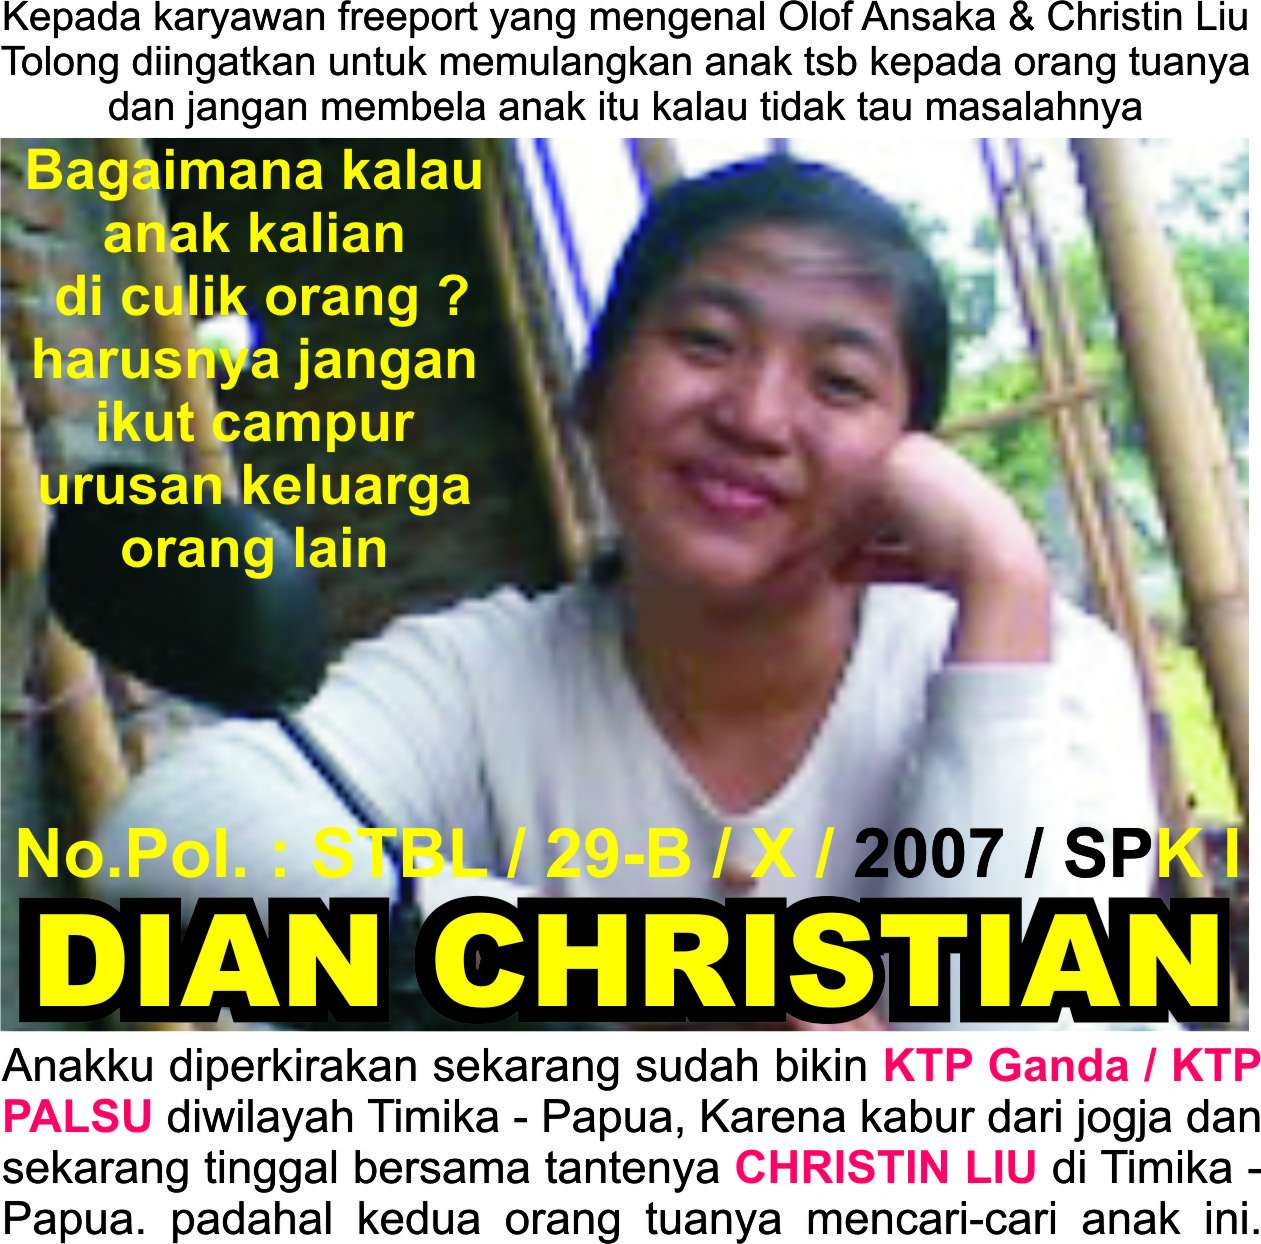 Tempat Wisata Di Jogja: Anak Hilang, Penculikan, E-KTP Ganda / ASPAL, Istri Kabur